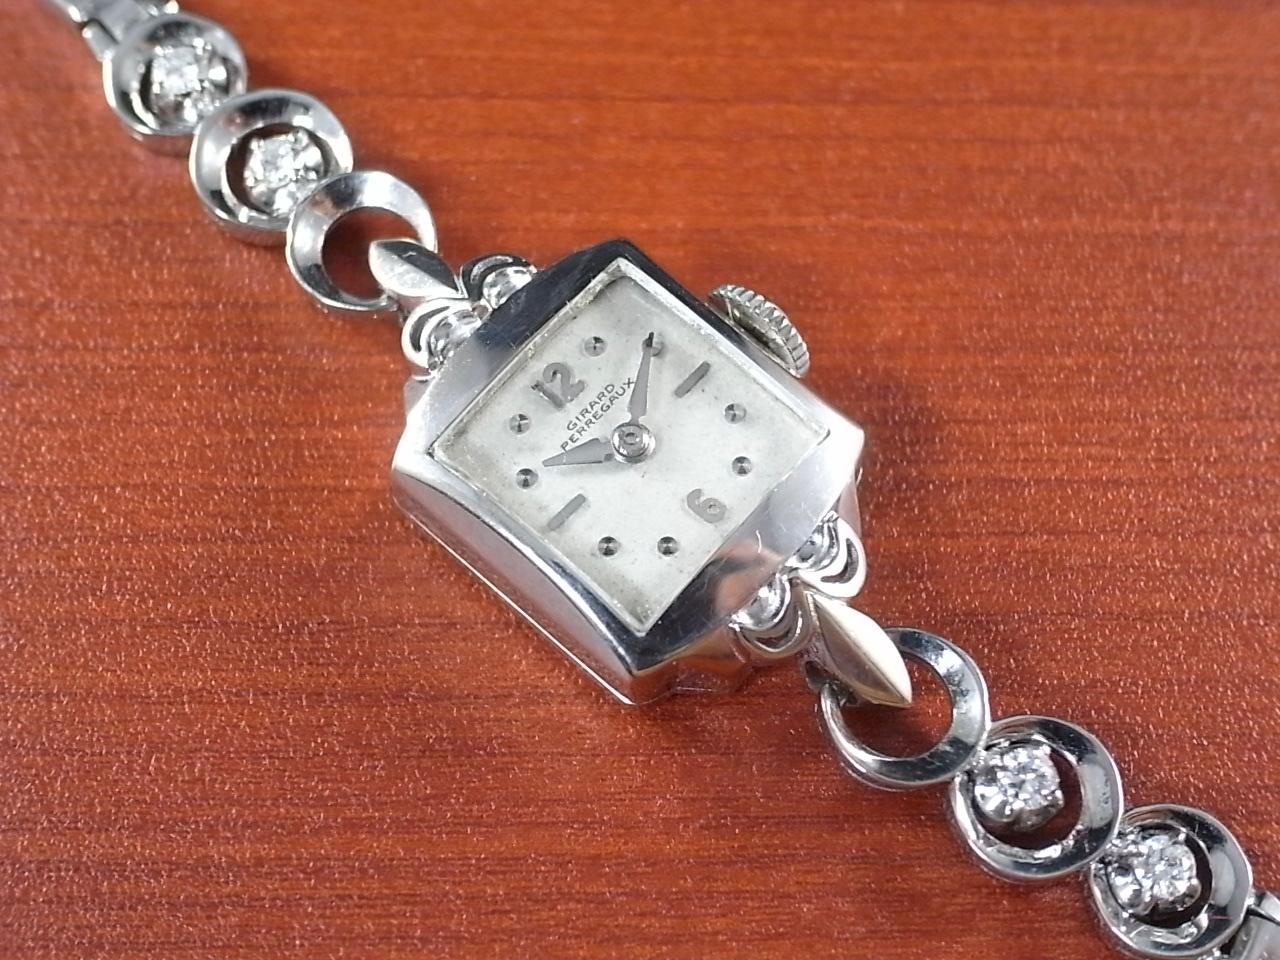 ジラール・ペルゴ レディス 14KWG ダイヤモンドのメイン写真